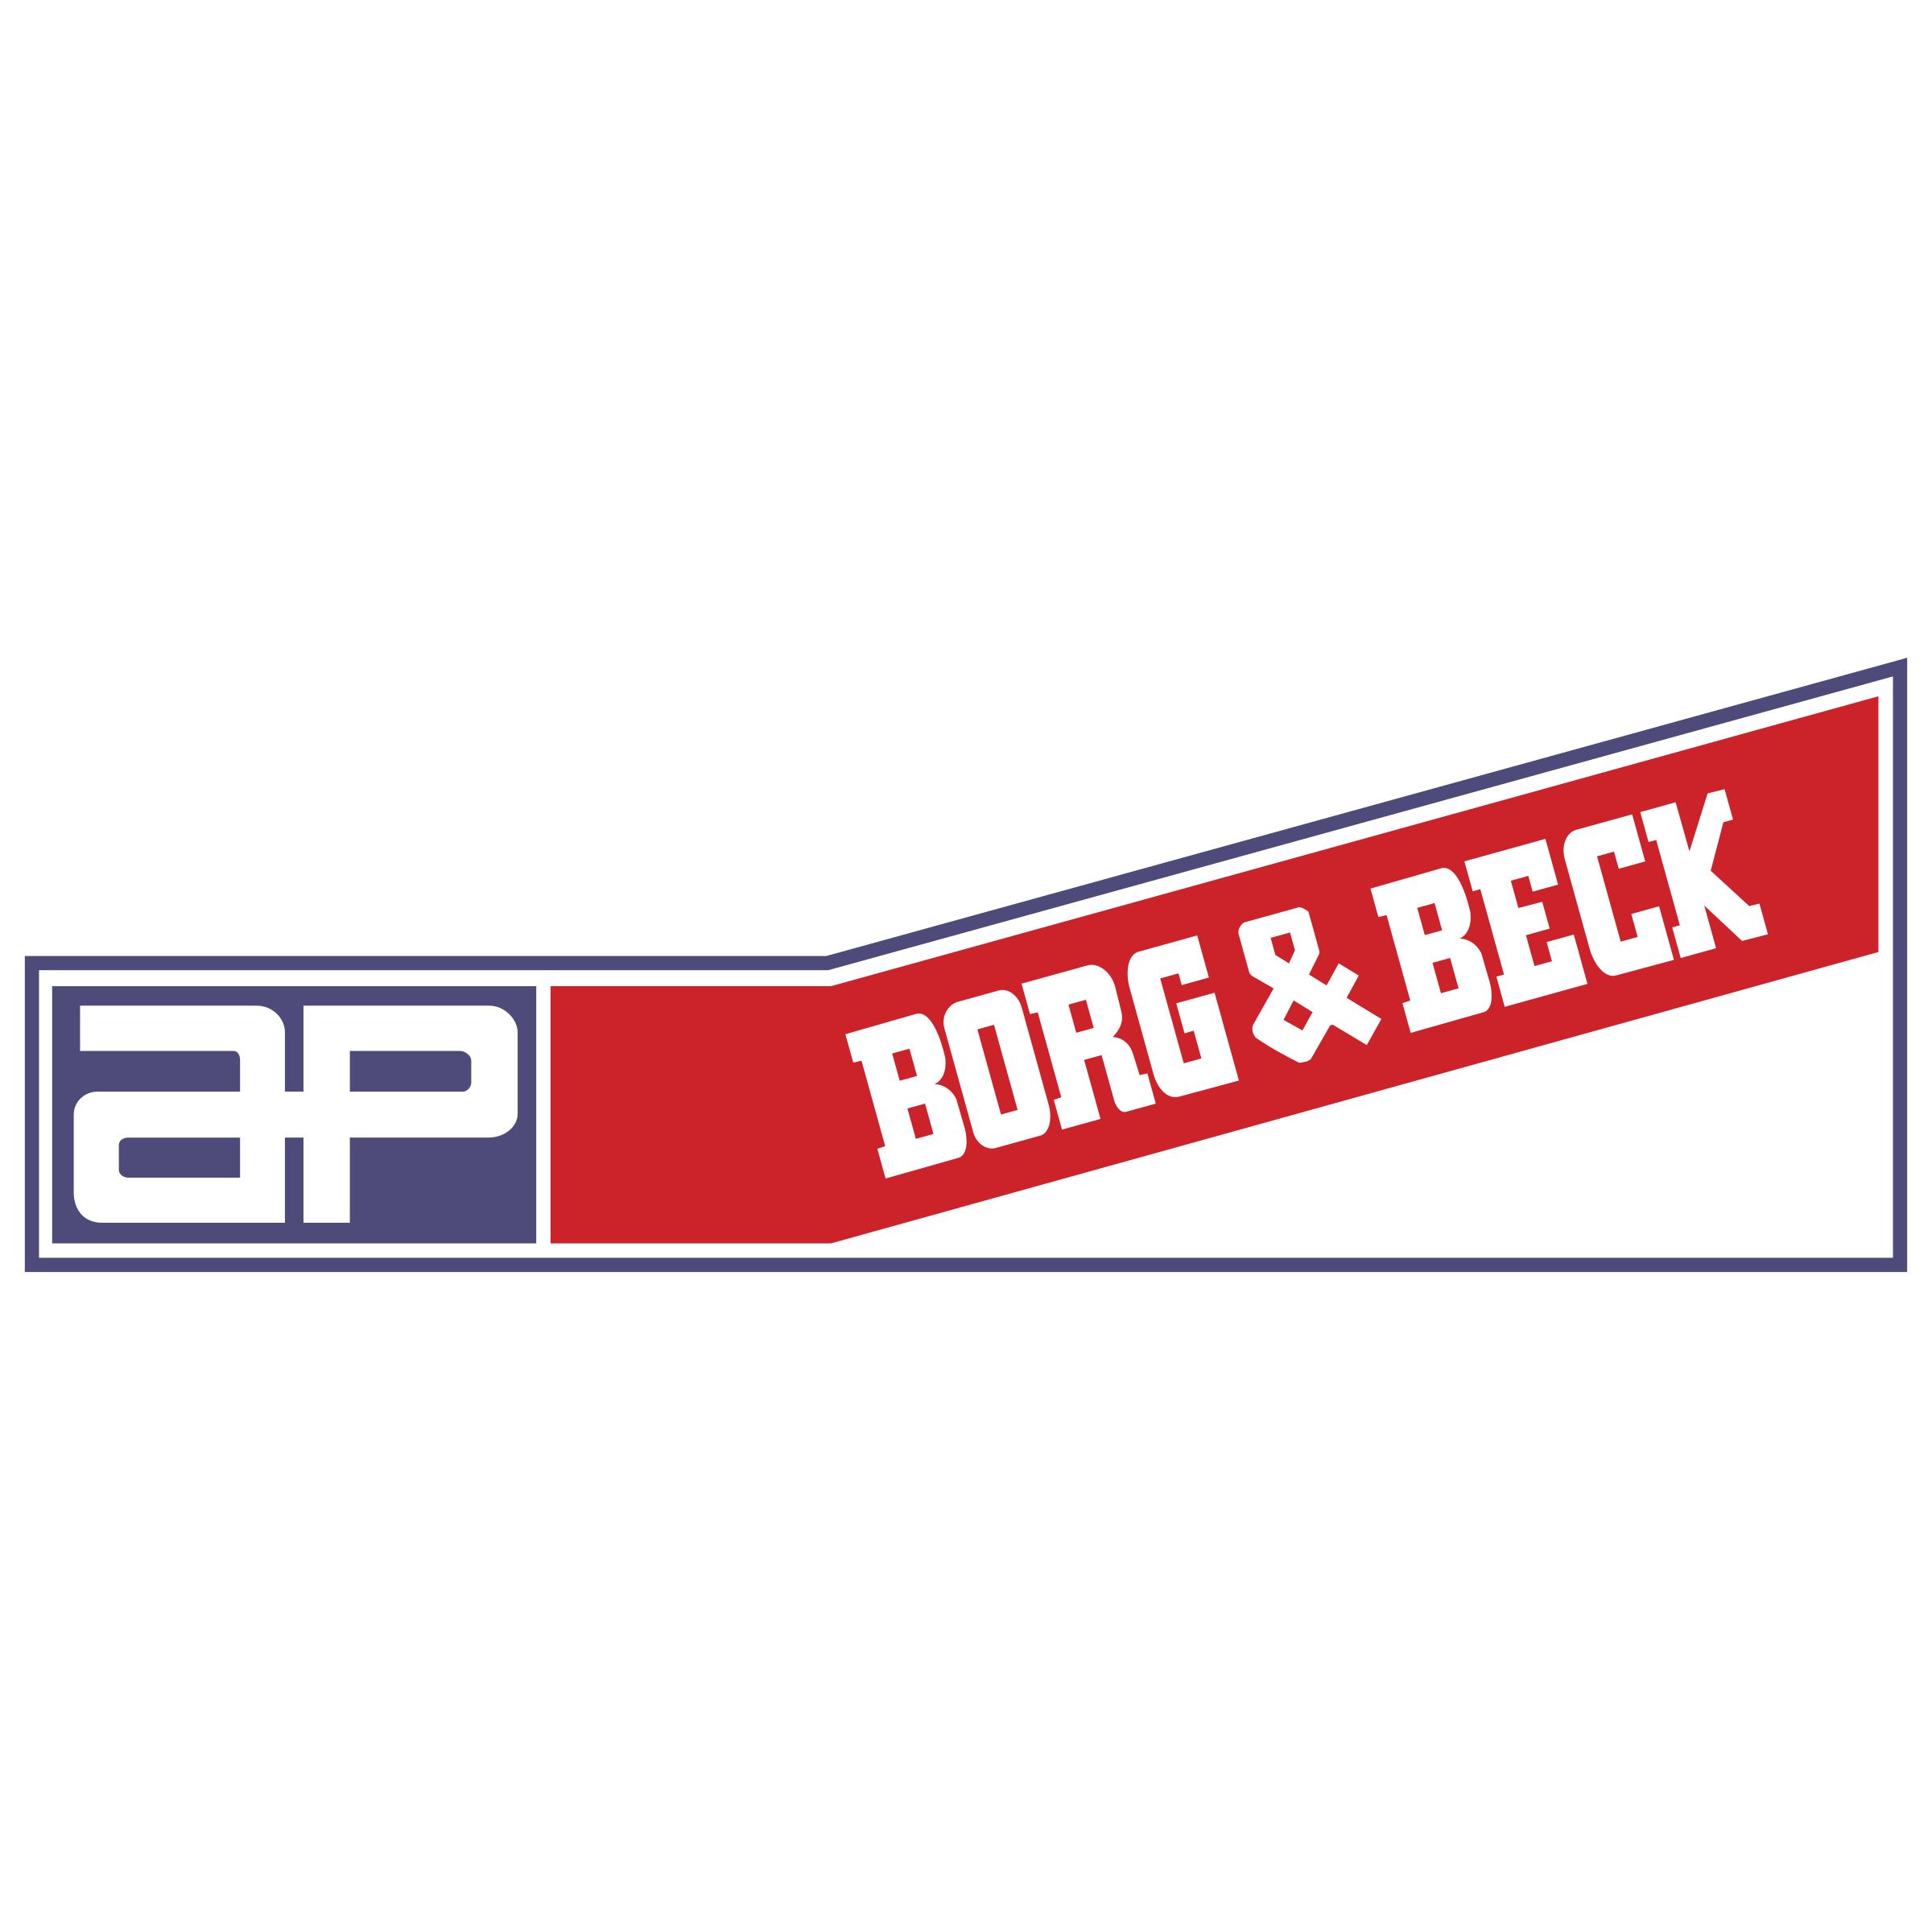 Borg & Beck Logo PNG Transparent & SVG Vector.